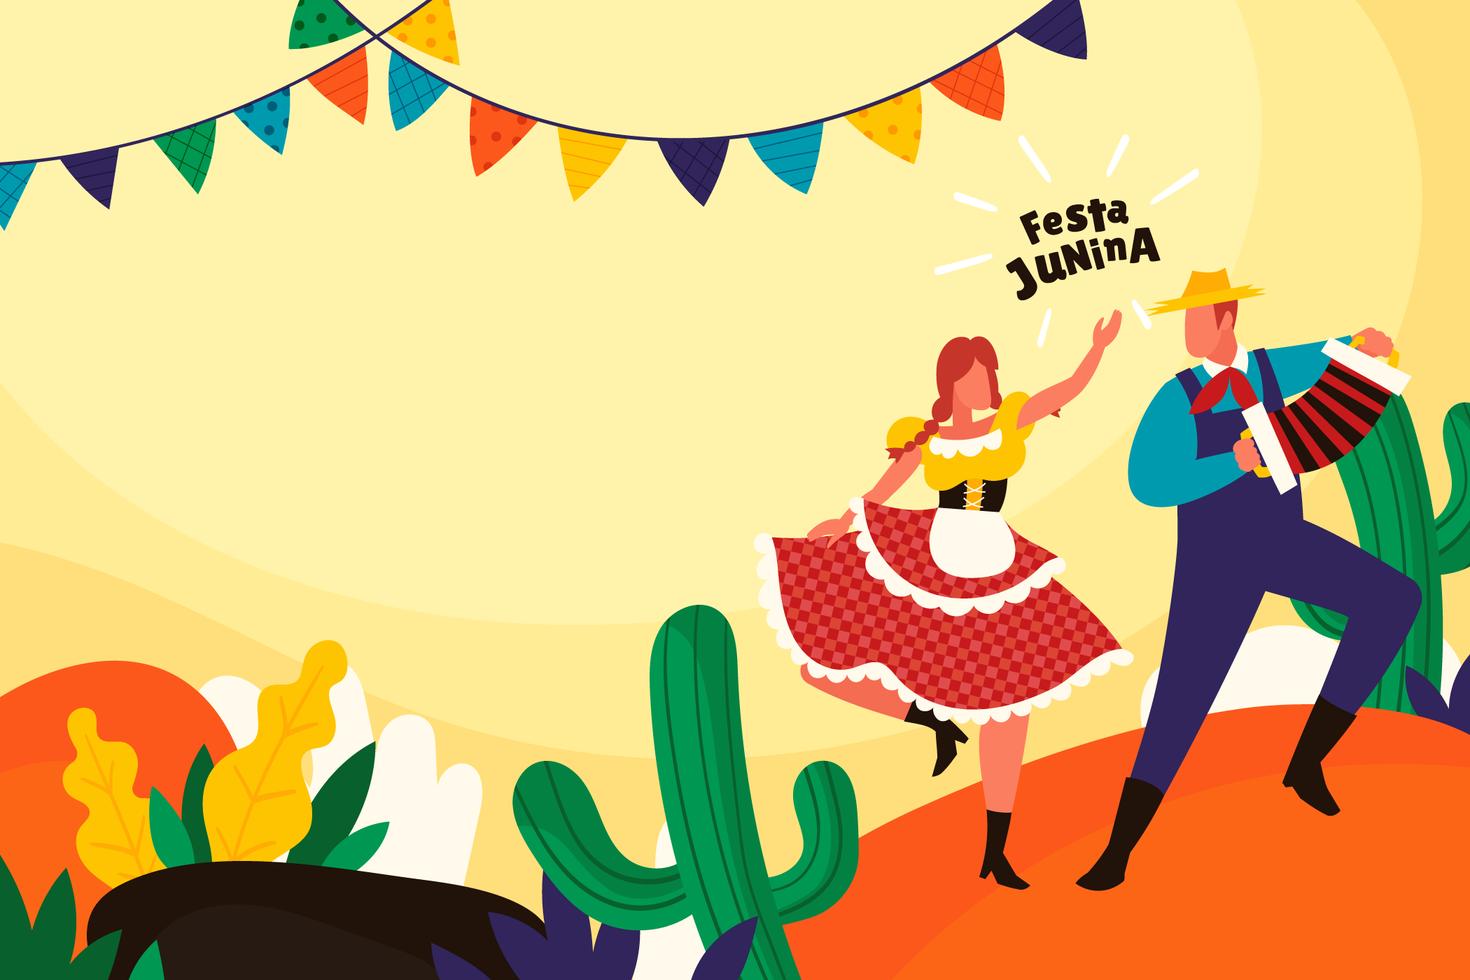 concetto di sfondo festa junina in stile piatto vettore